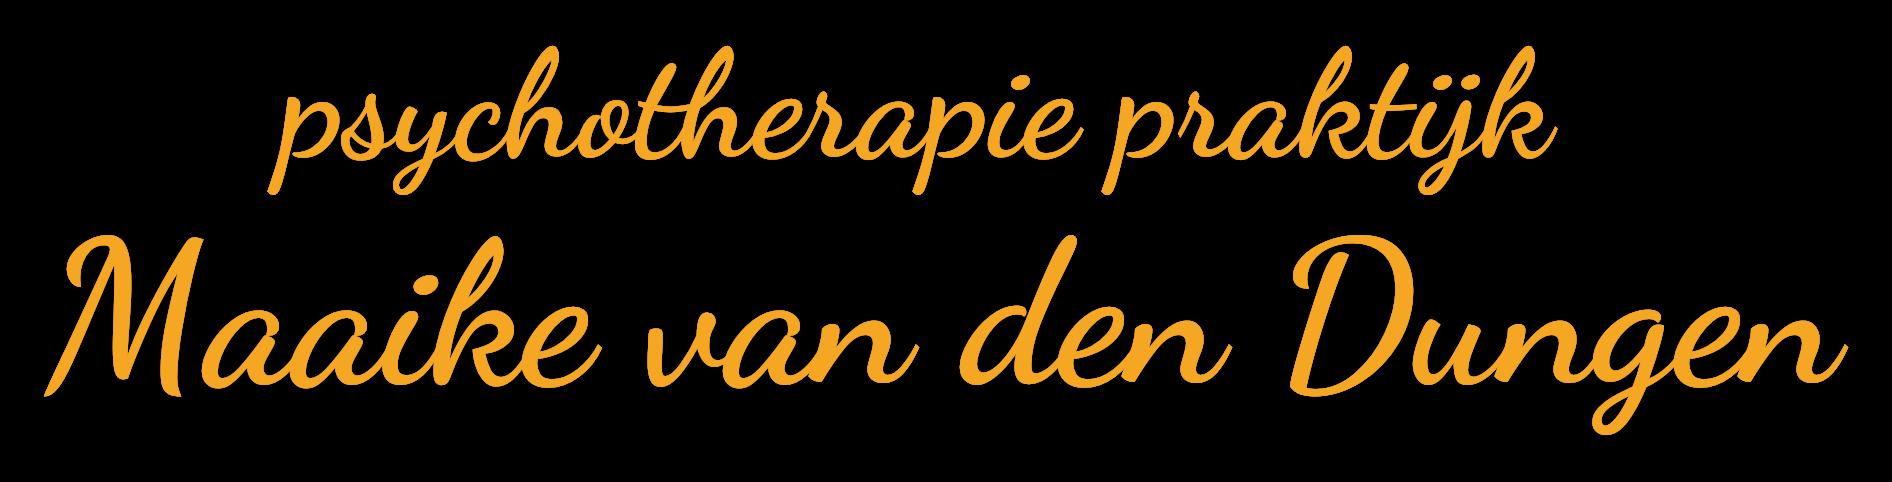 Psychotherapie Maaike van den Dungen